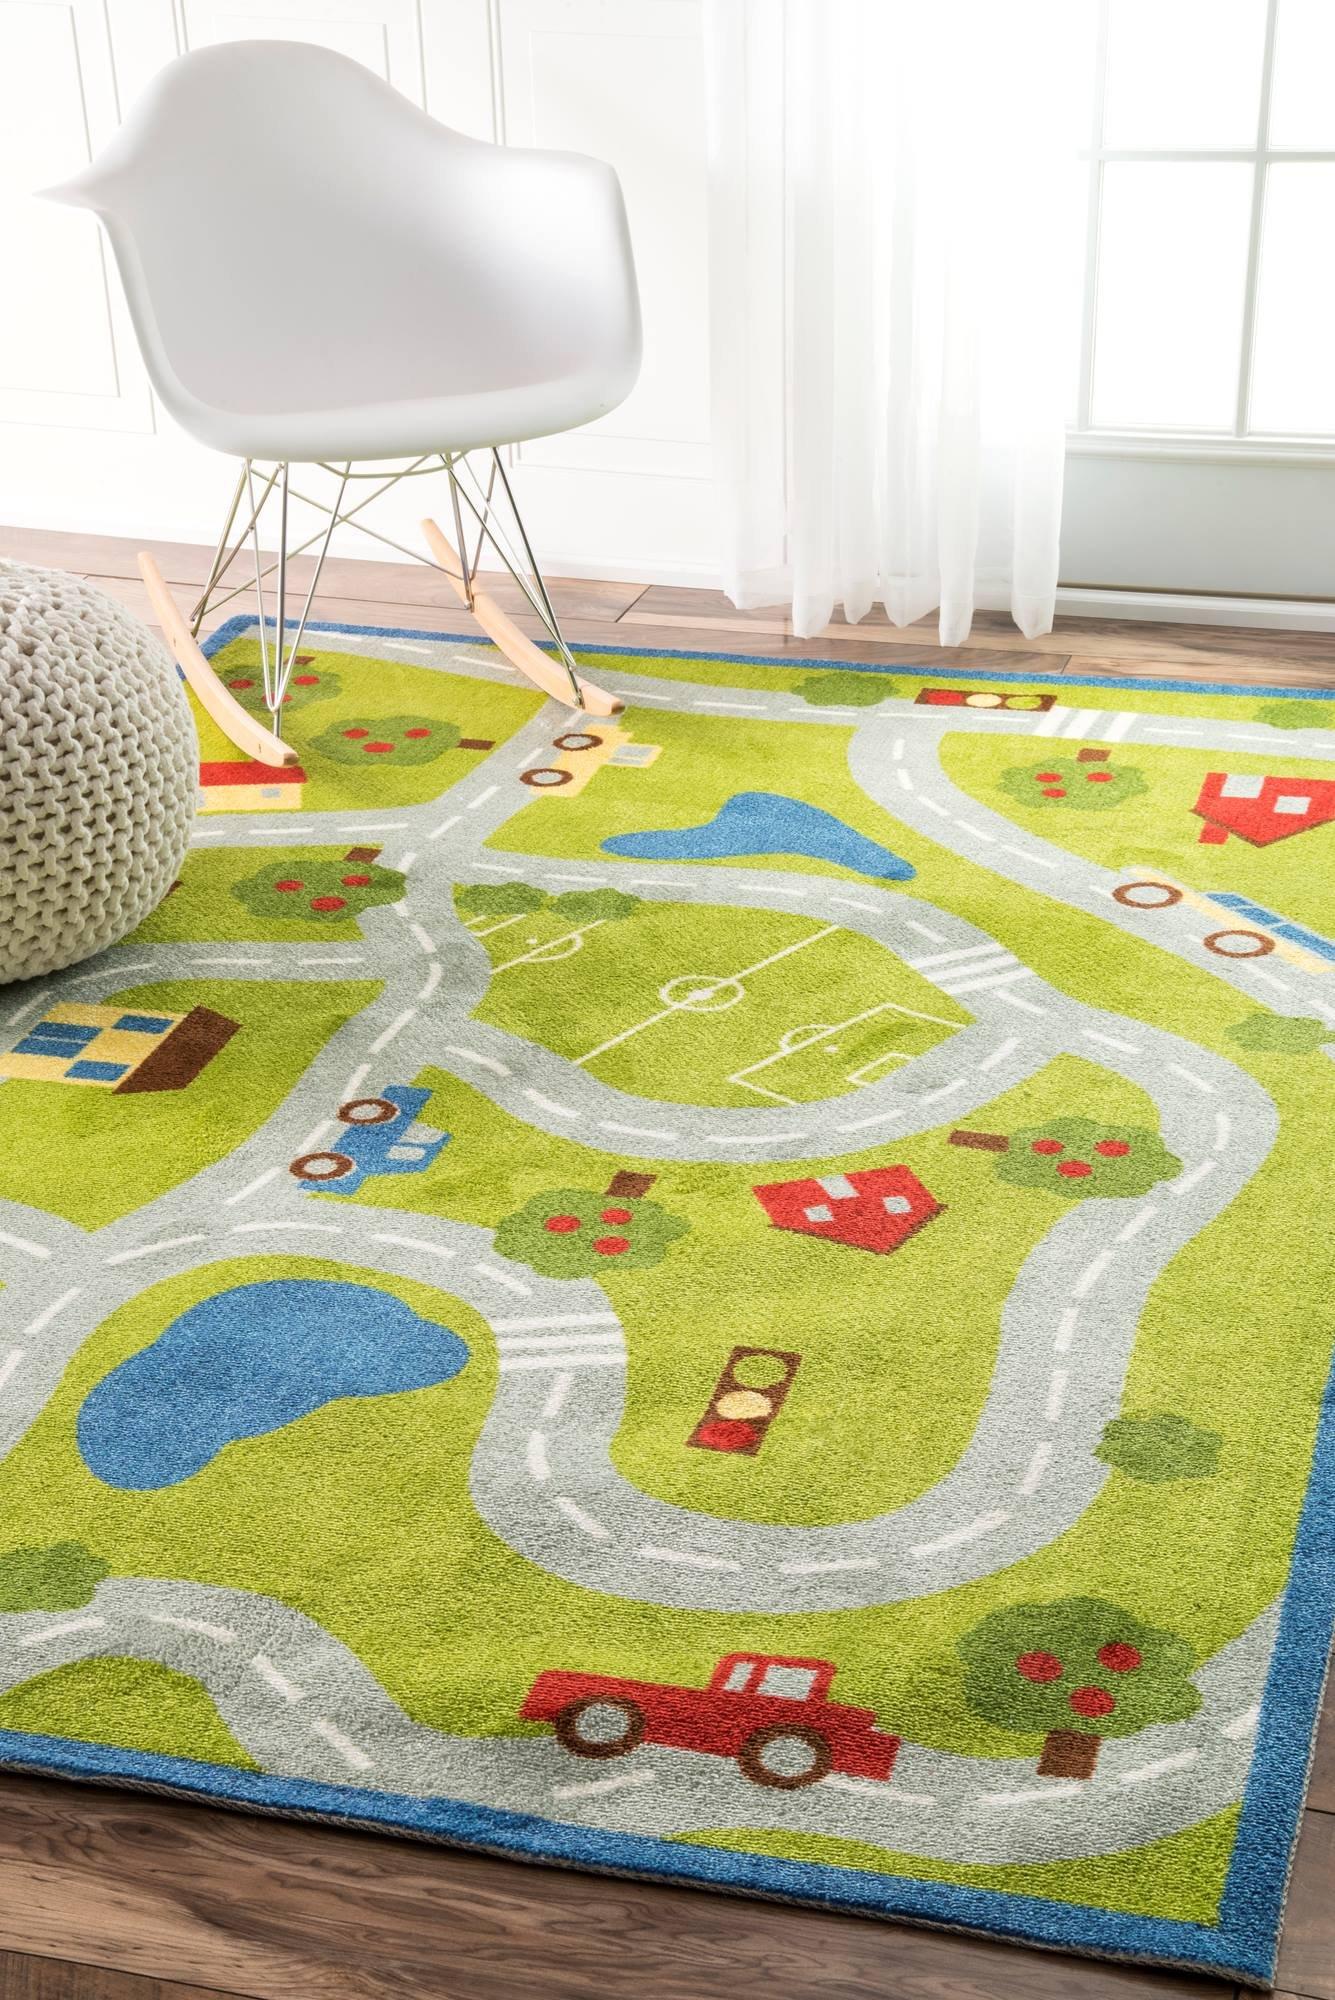 nuLOOM Nursery Country Road Trip Kids Area Rugs, 5' x 8', Green